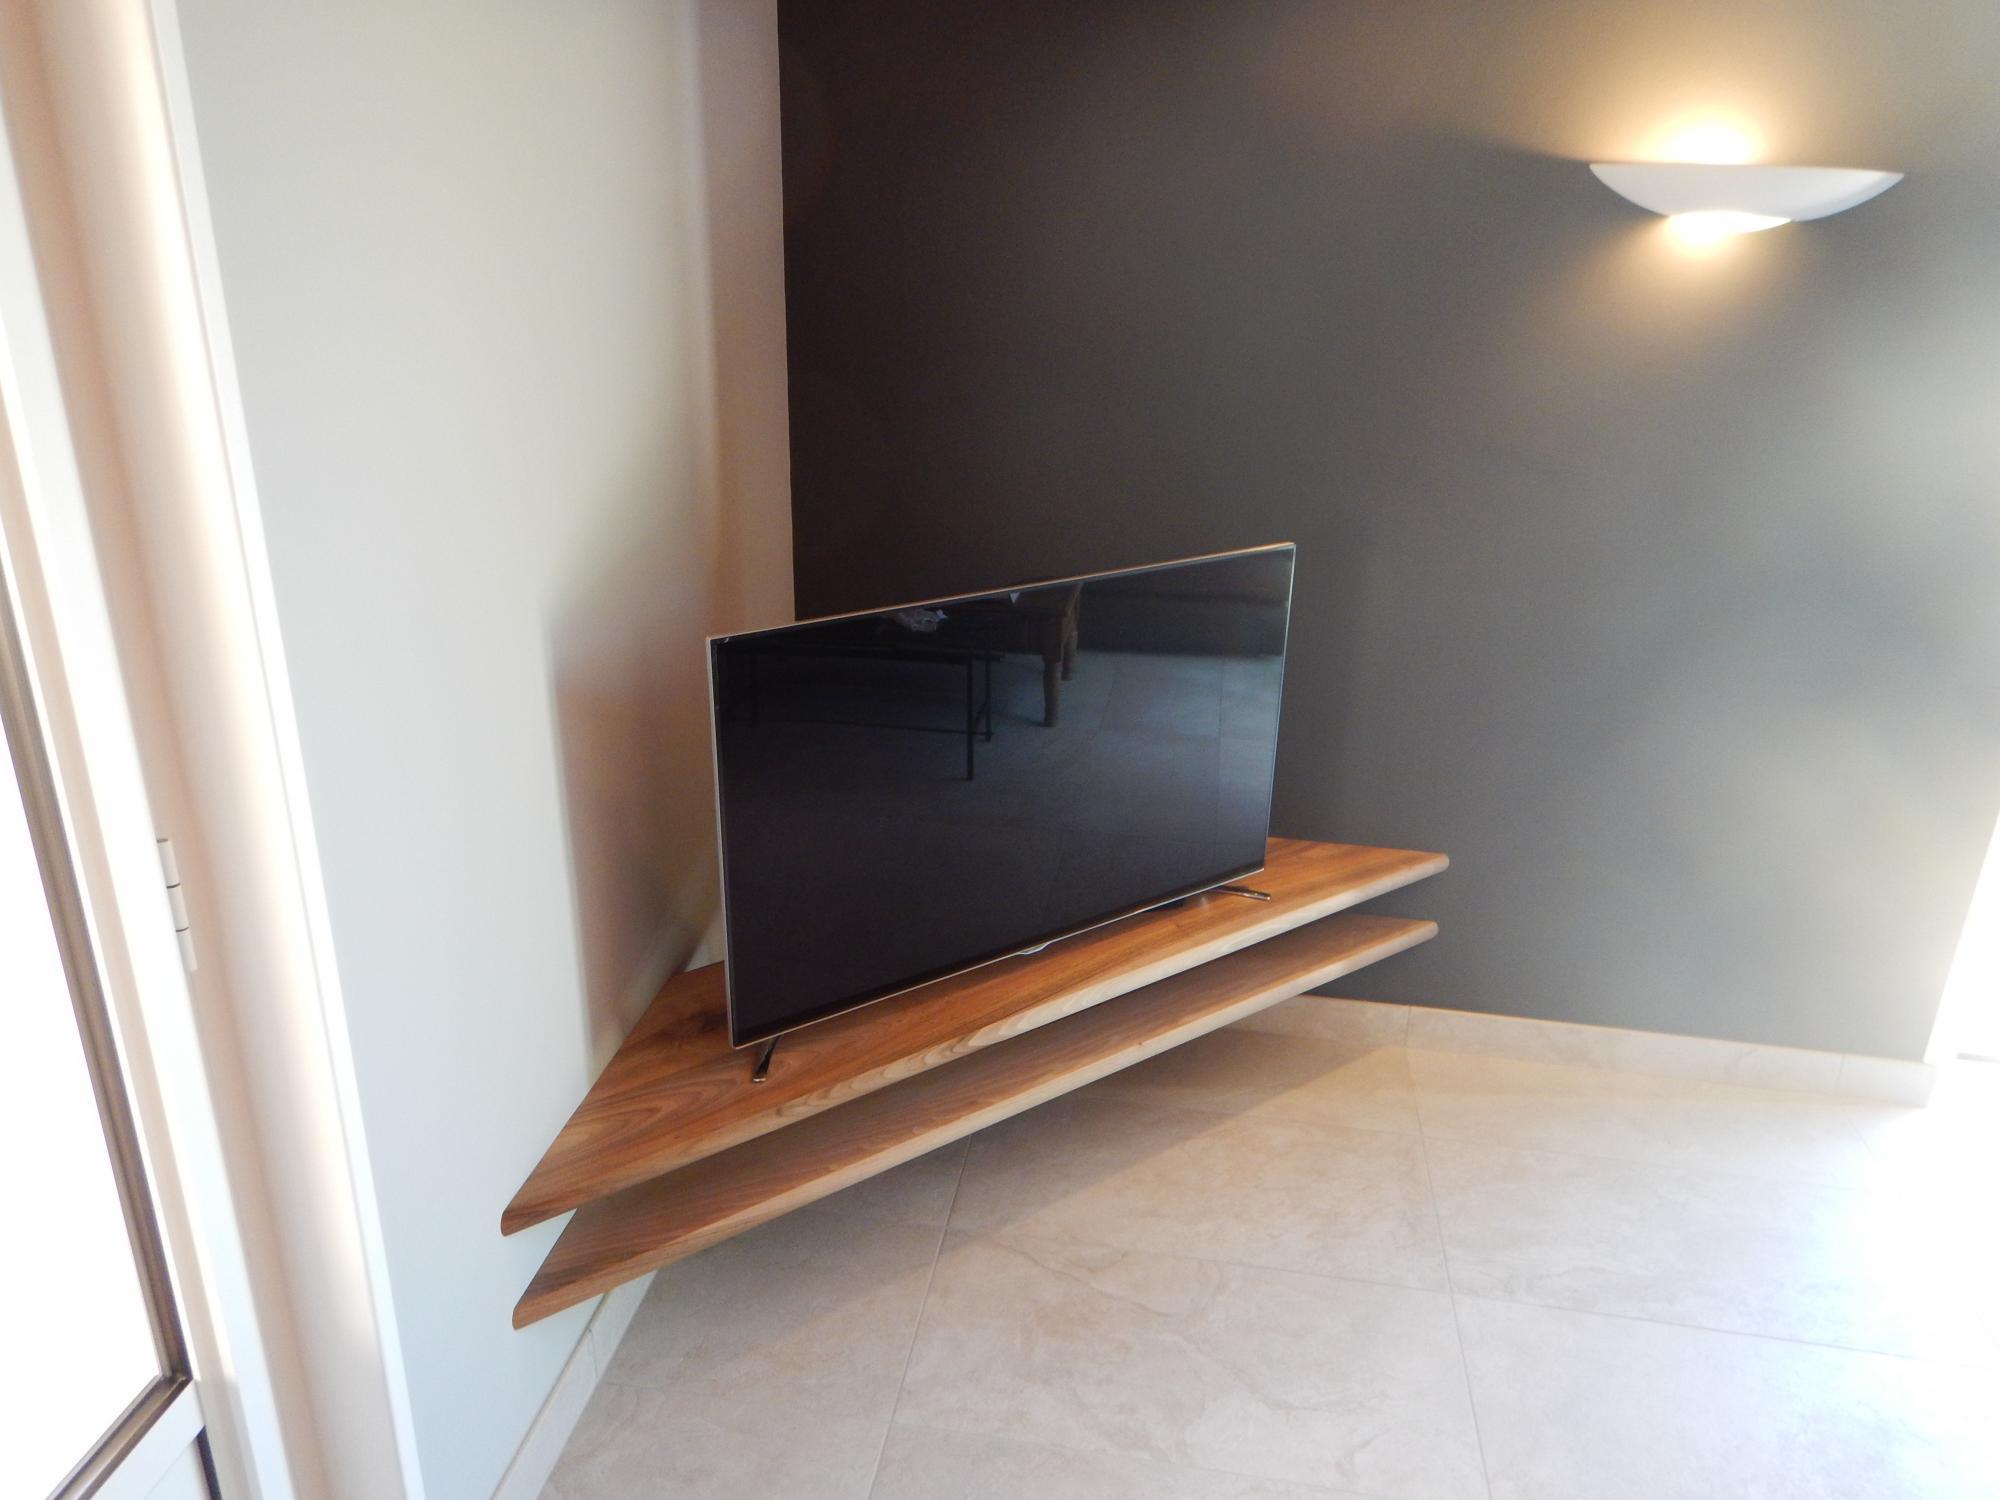 tablette tv